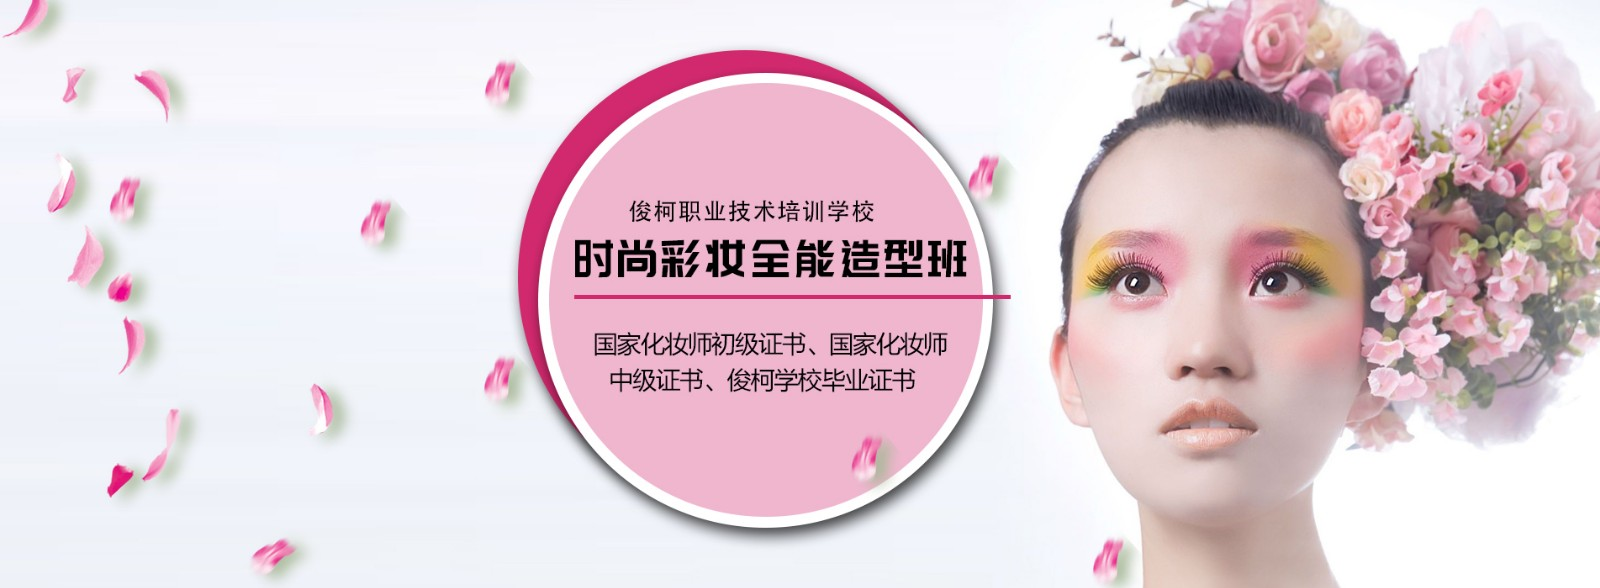 上海俊柯时尚专业教育机构.jpg